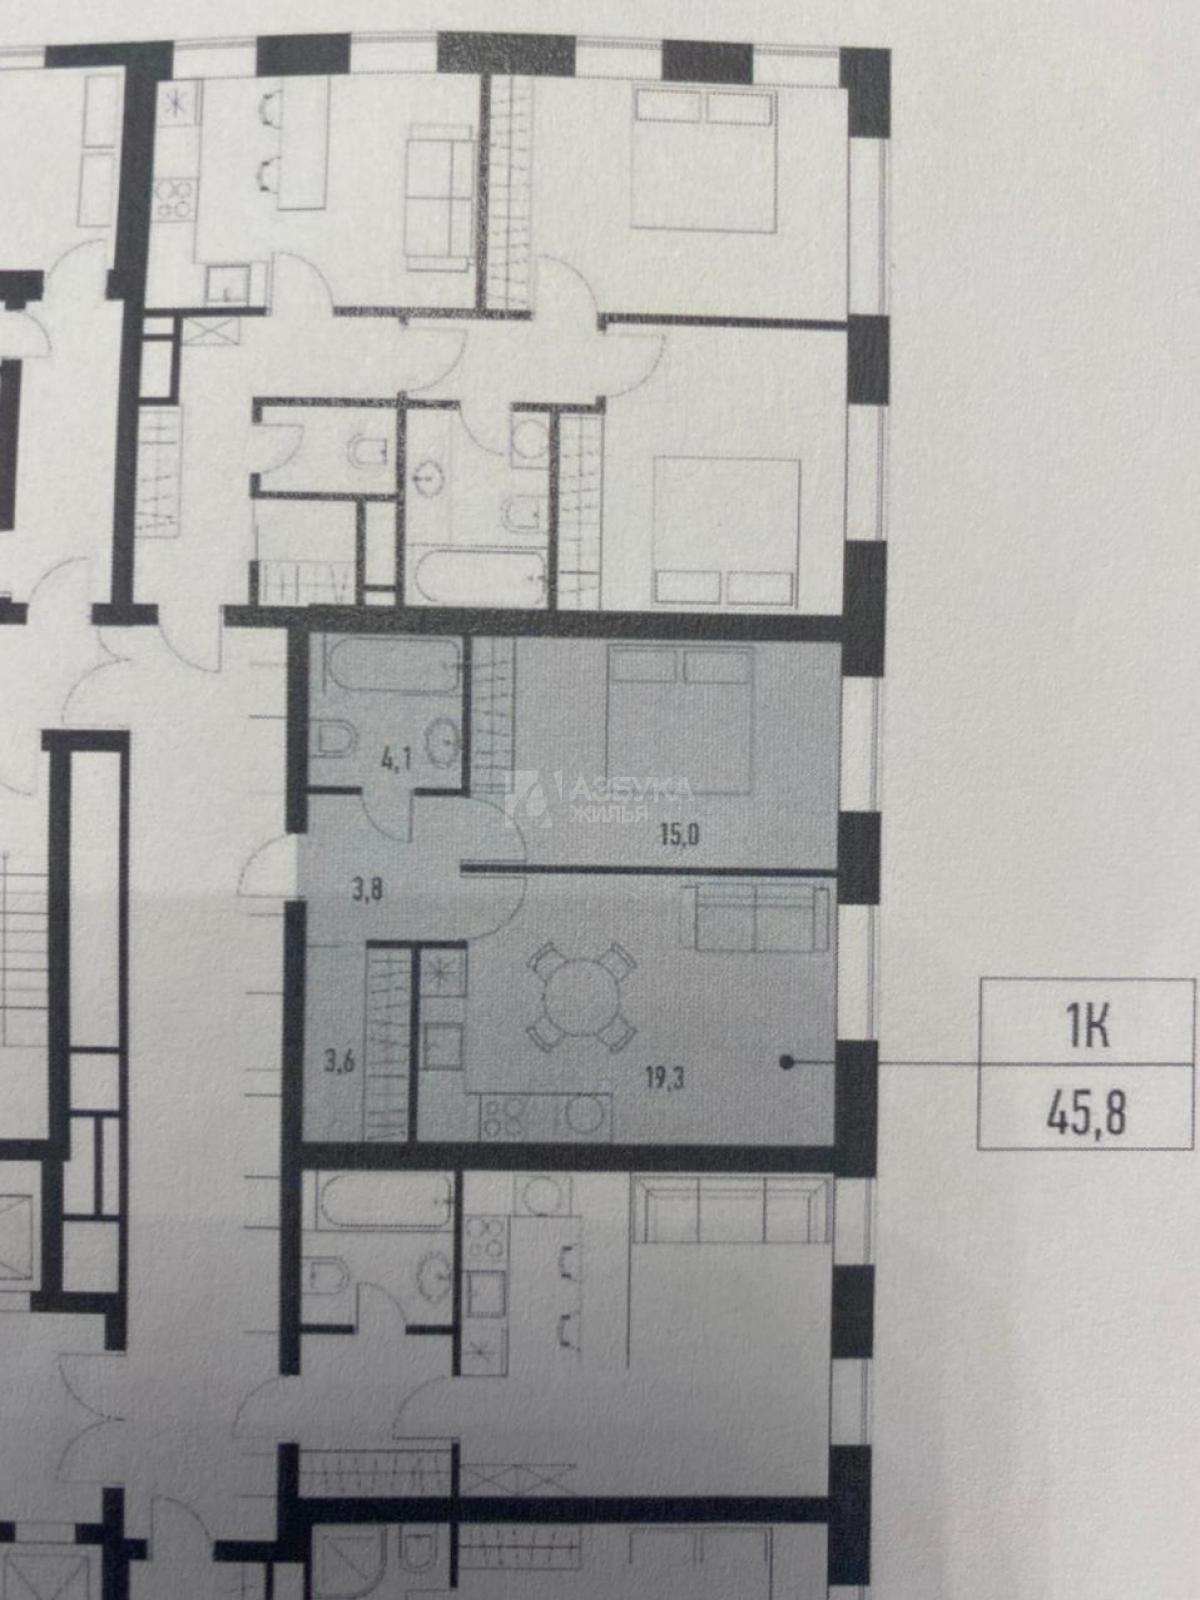 Фото №3 - 1-комнатная квартира, Москва, Грайвороновский 2-й проезд корпус 22, метро Стахановская